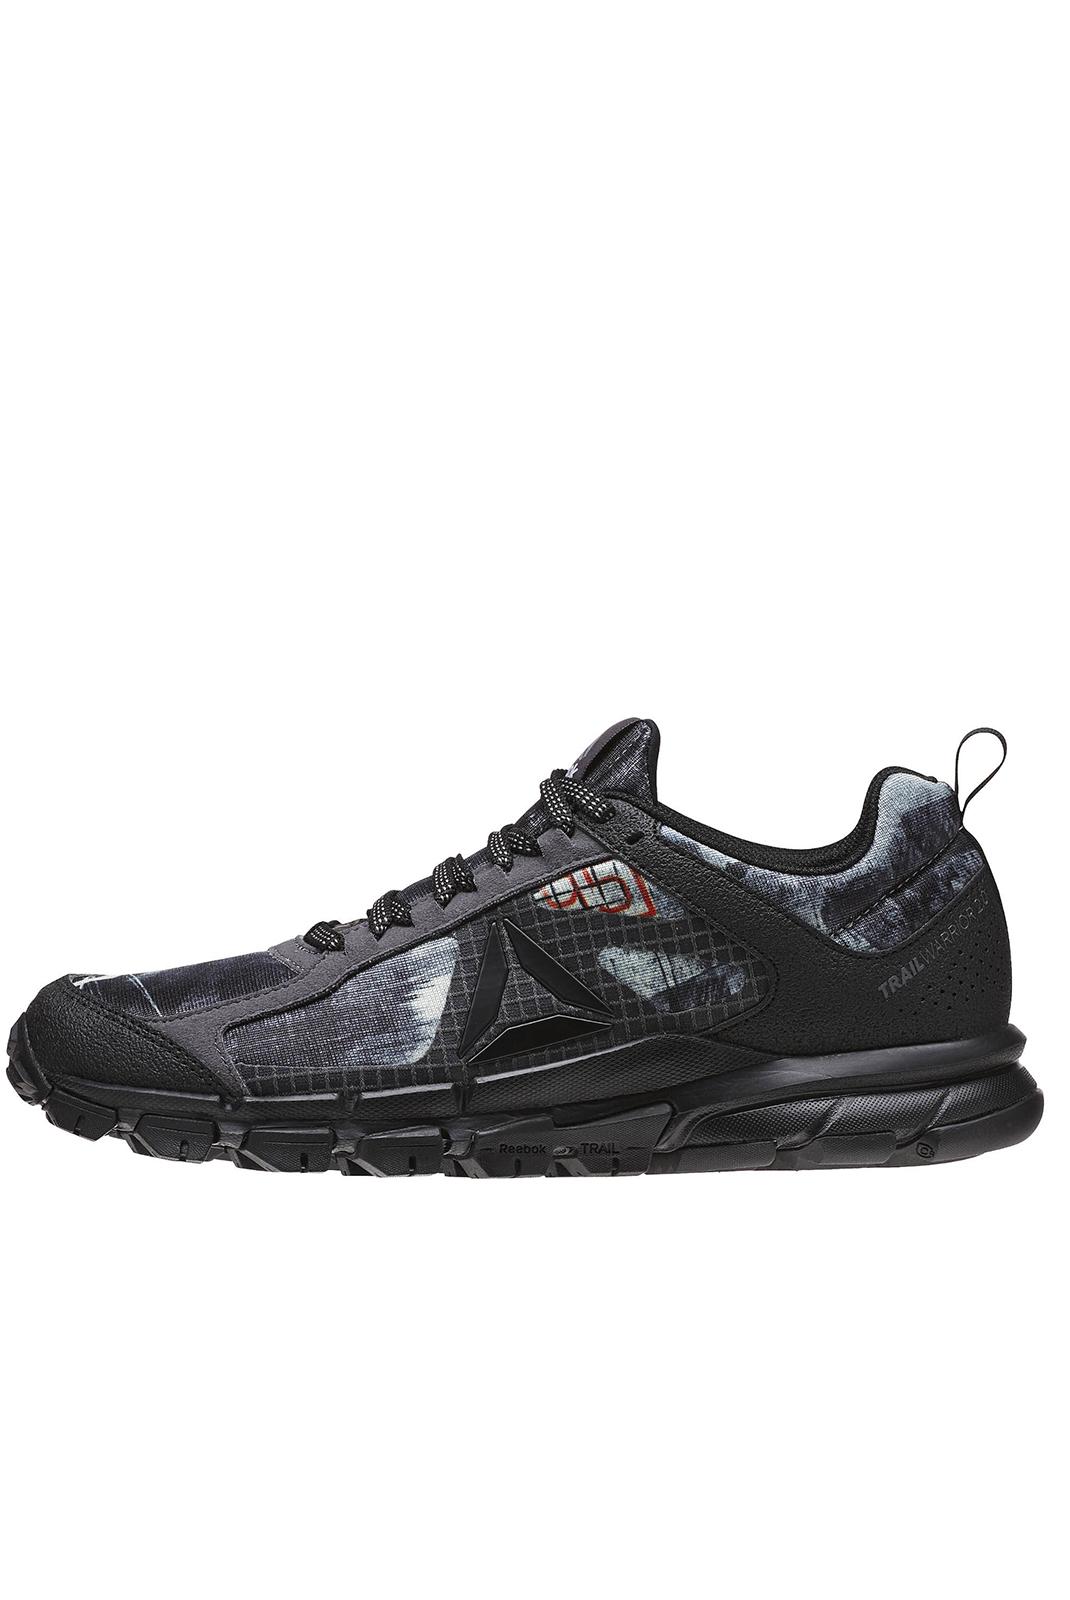 Baskets / Sneakers  Reebok BD4717 TRAIL WARRIOR 2.0 NOIR